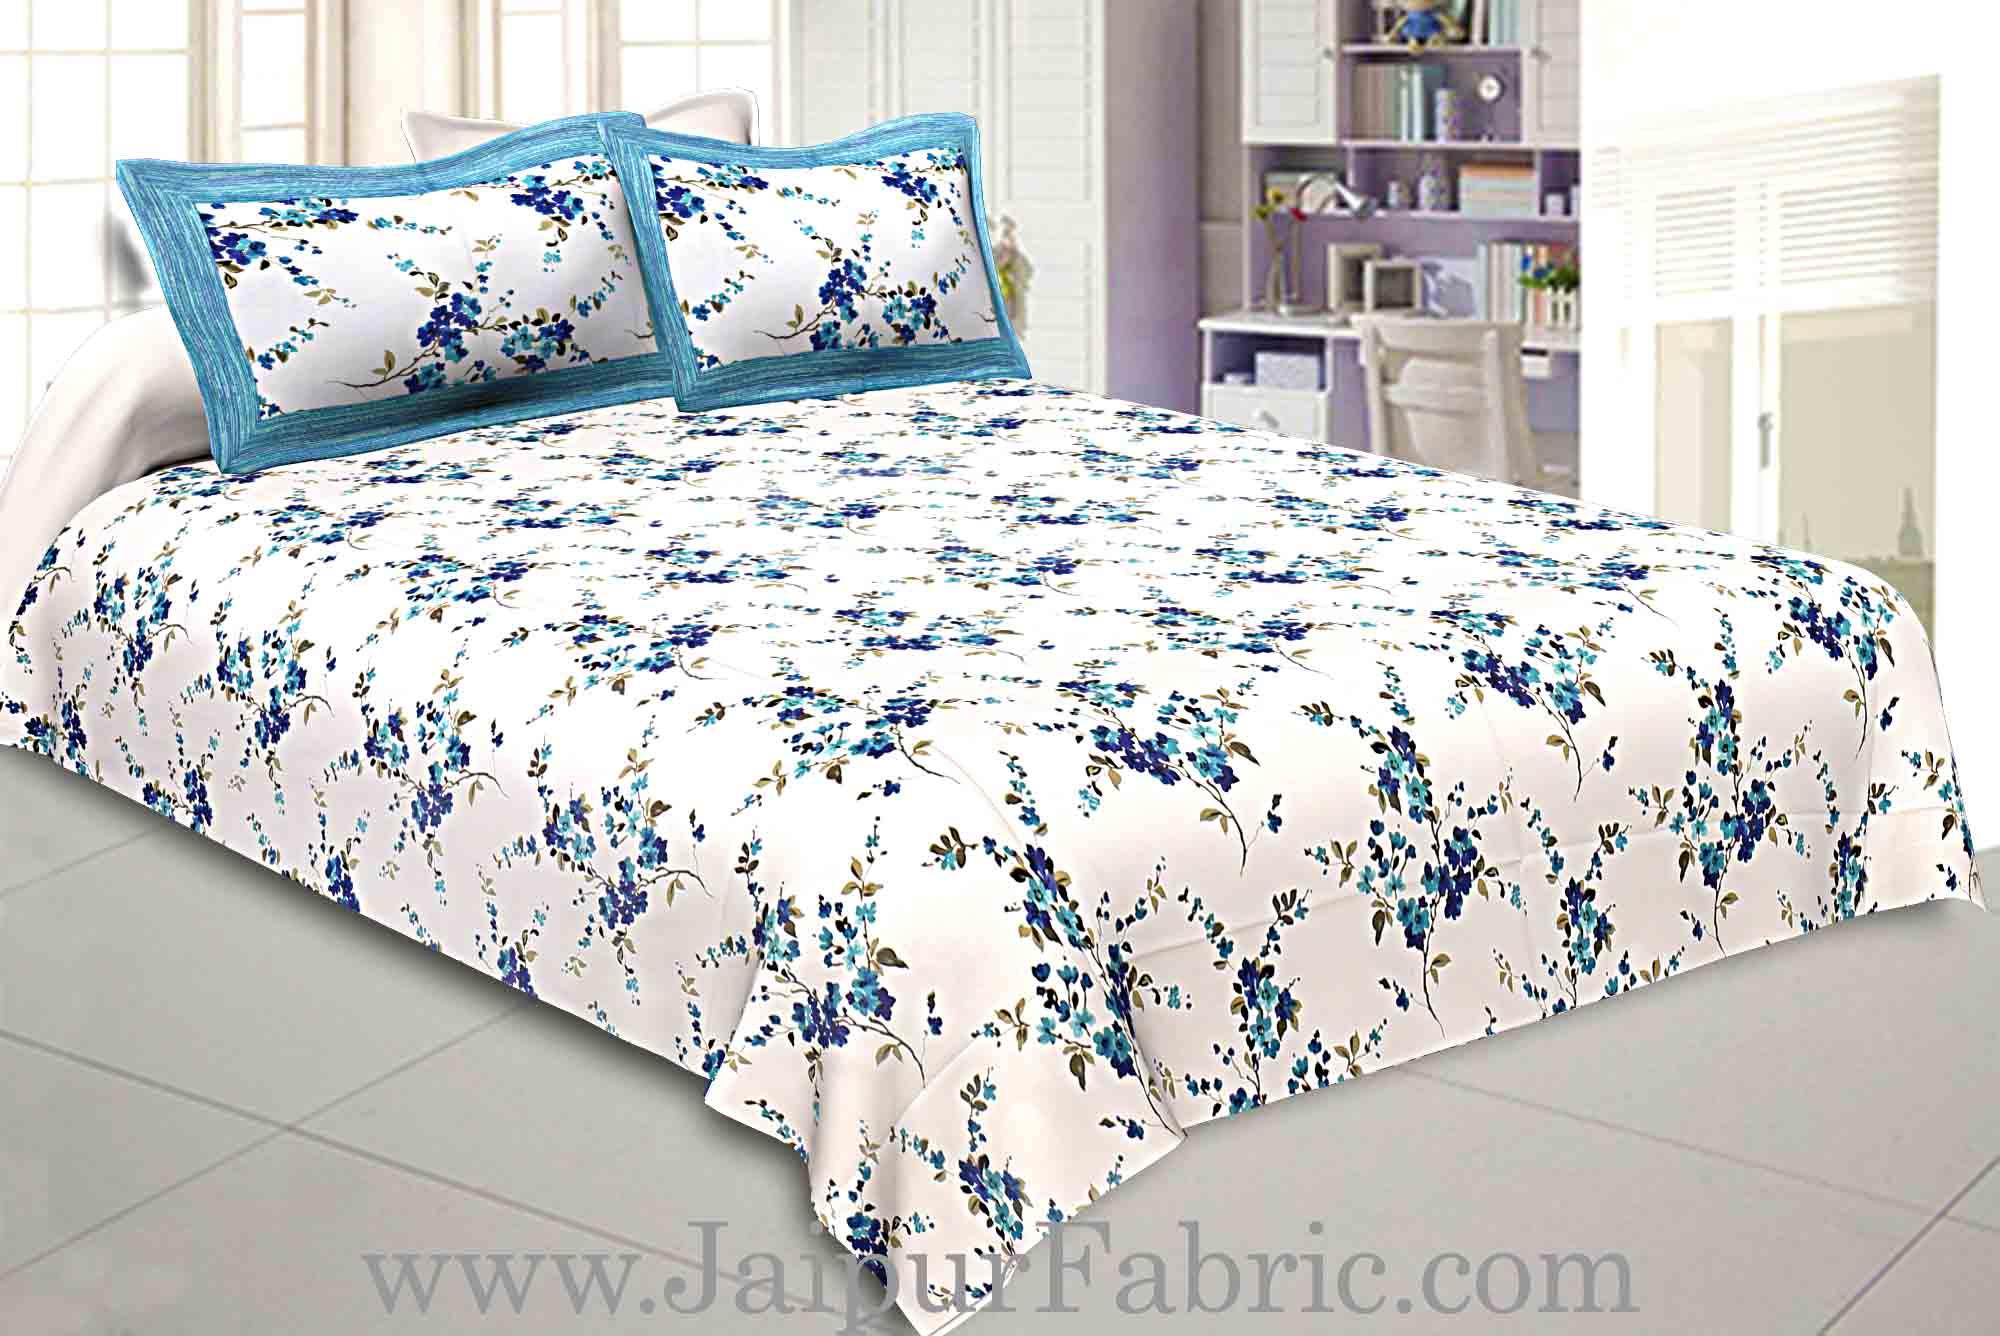 Pure Cotton 240 Tc Double Bedsheet In Blue Motif Floral Print